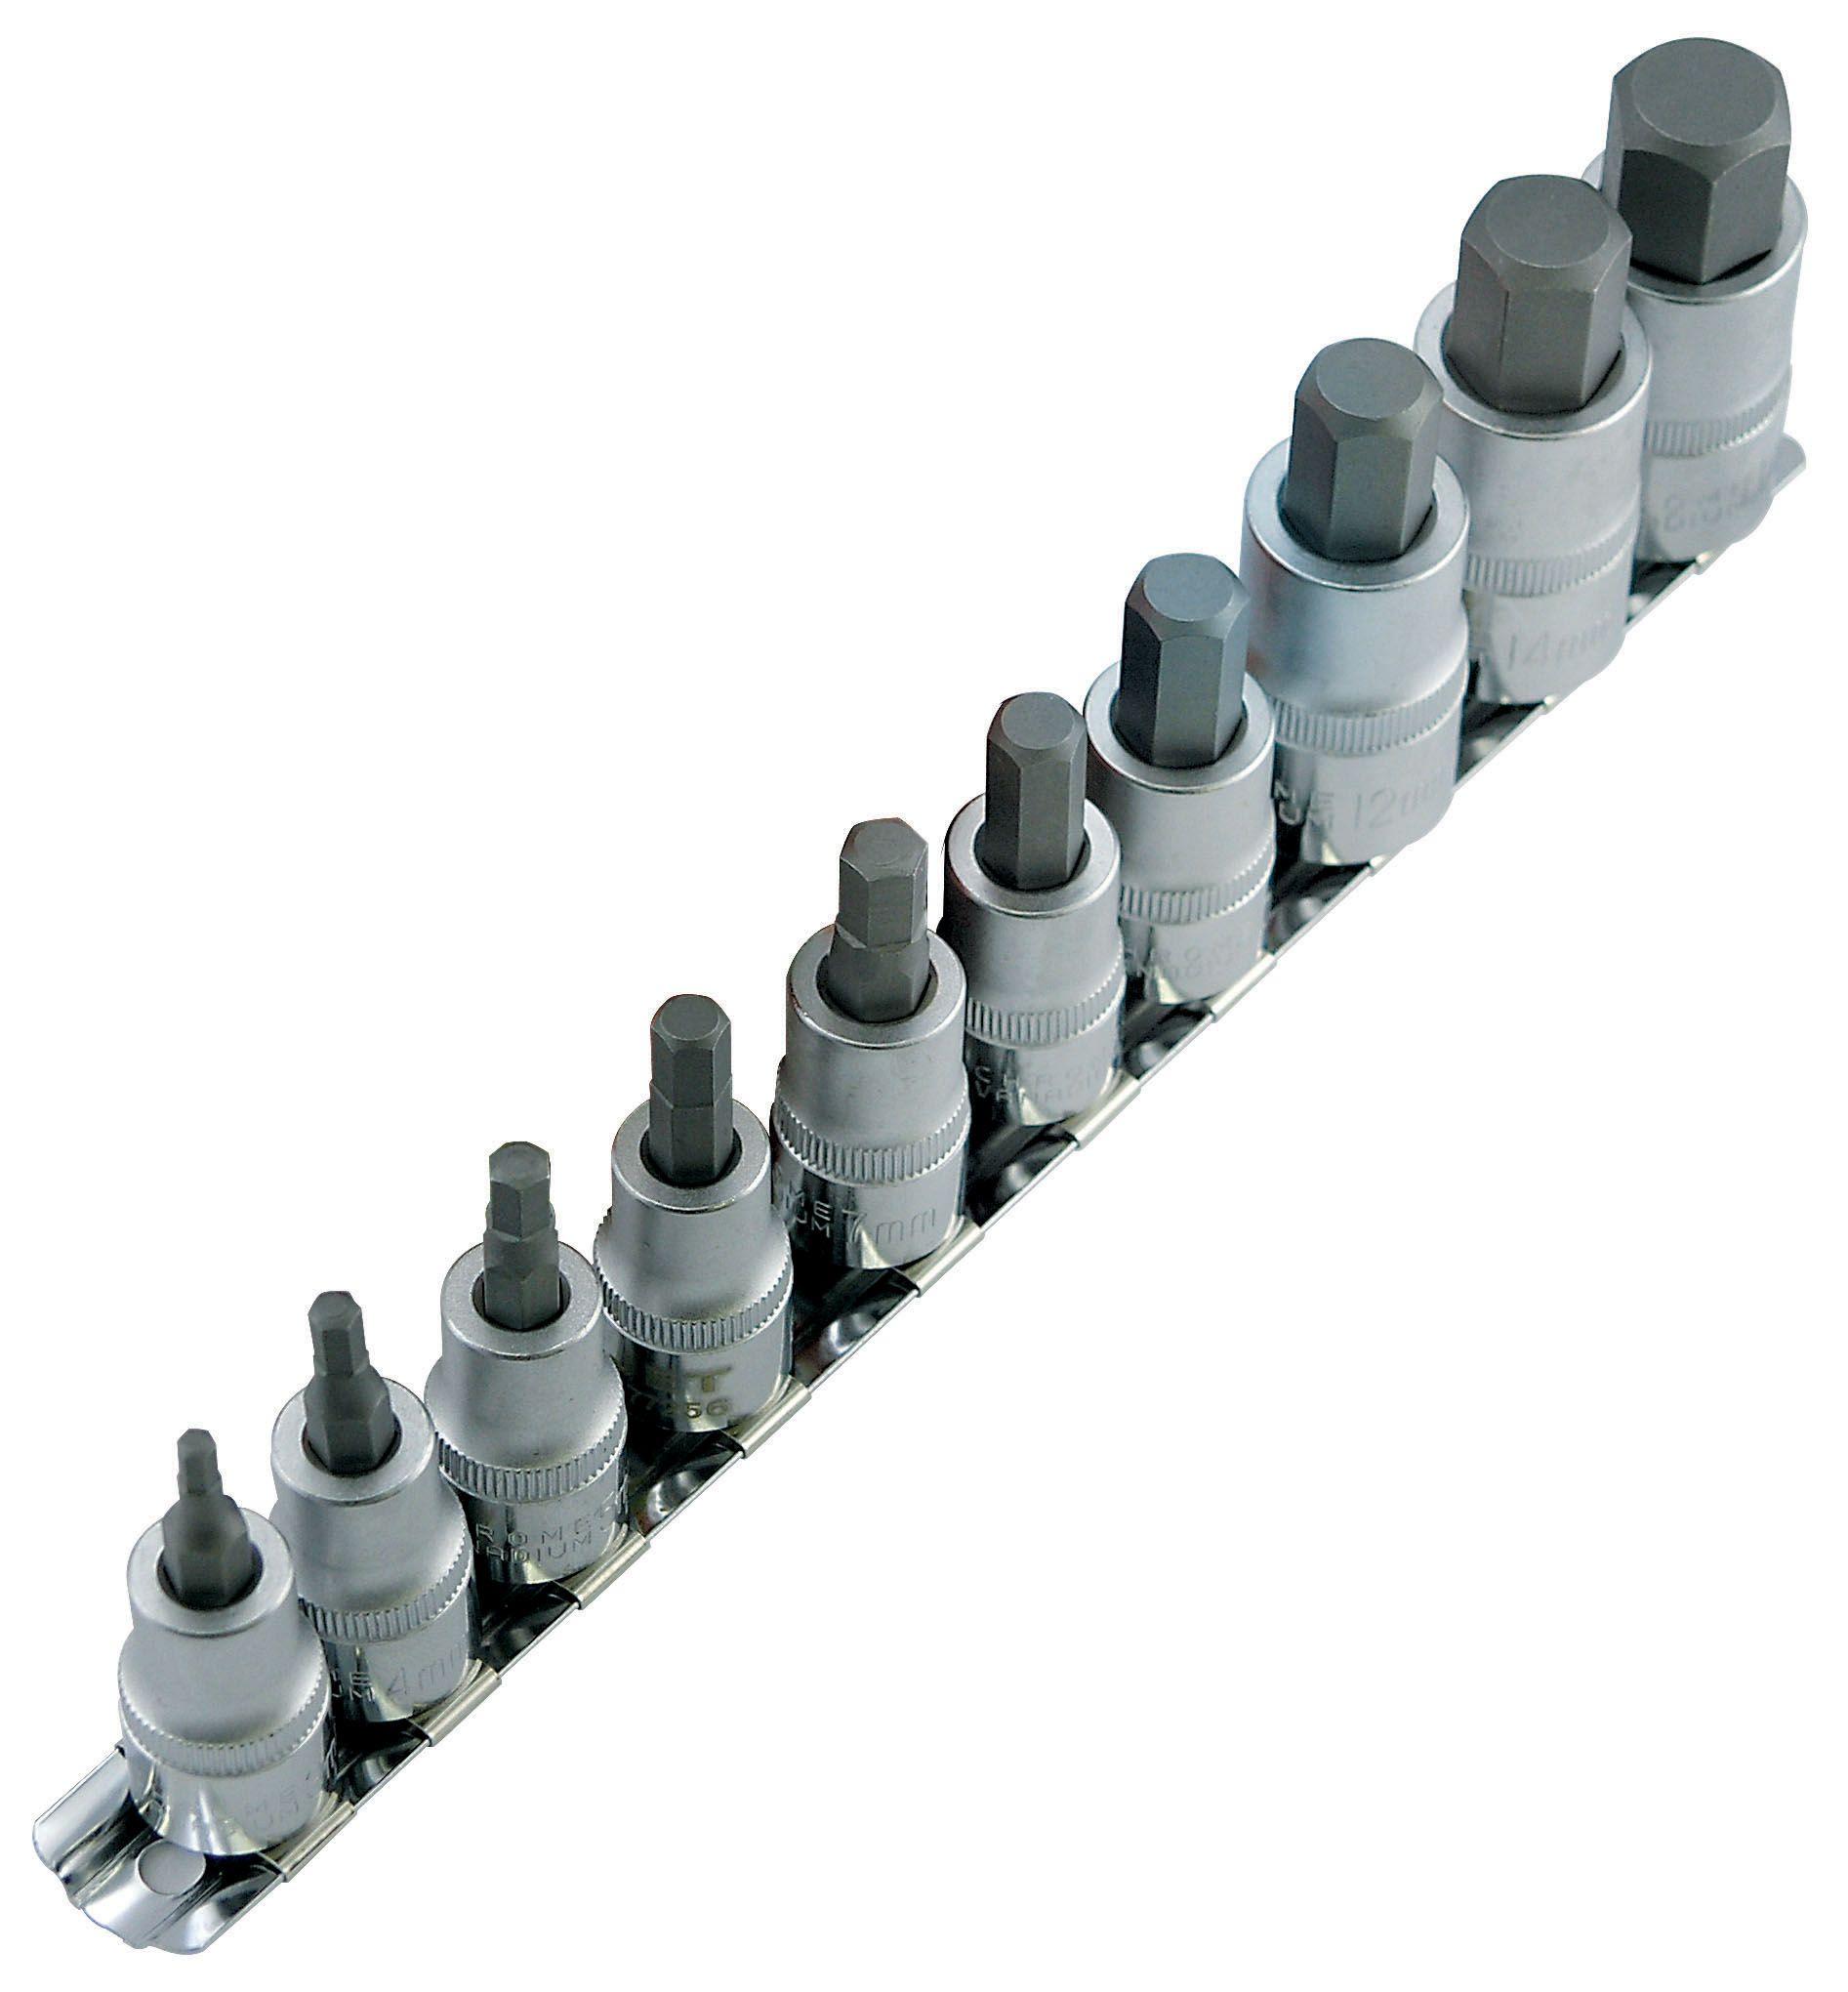 Jet 601803 Ensemble de 10 douilles hexagonales métriques à prises assorties